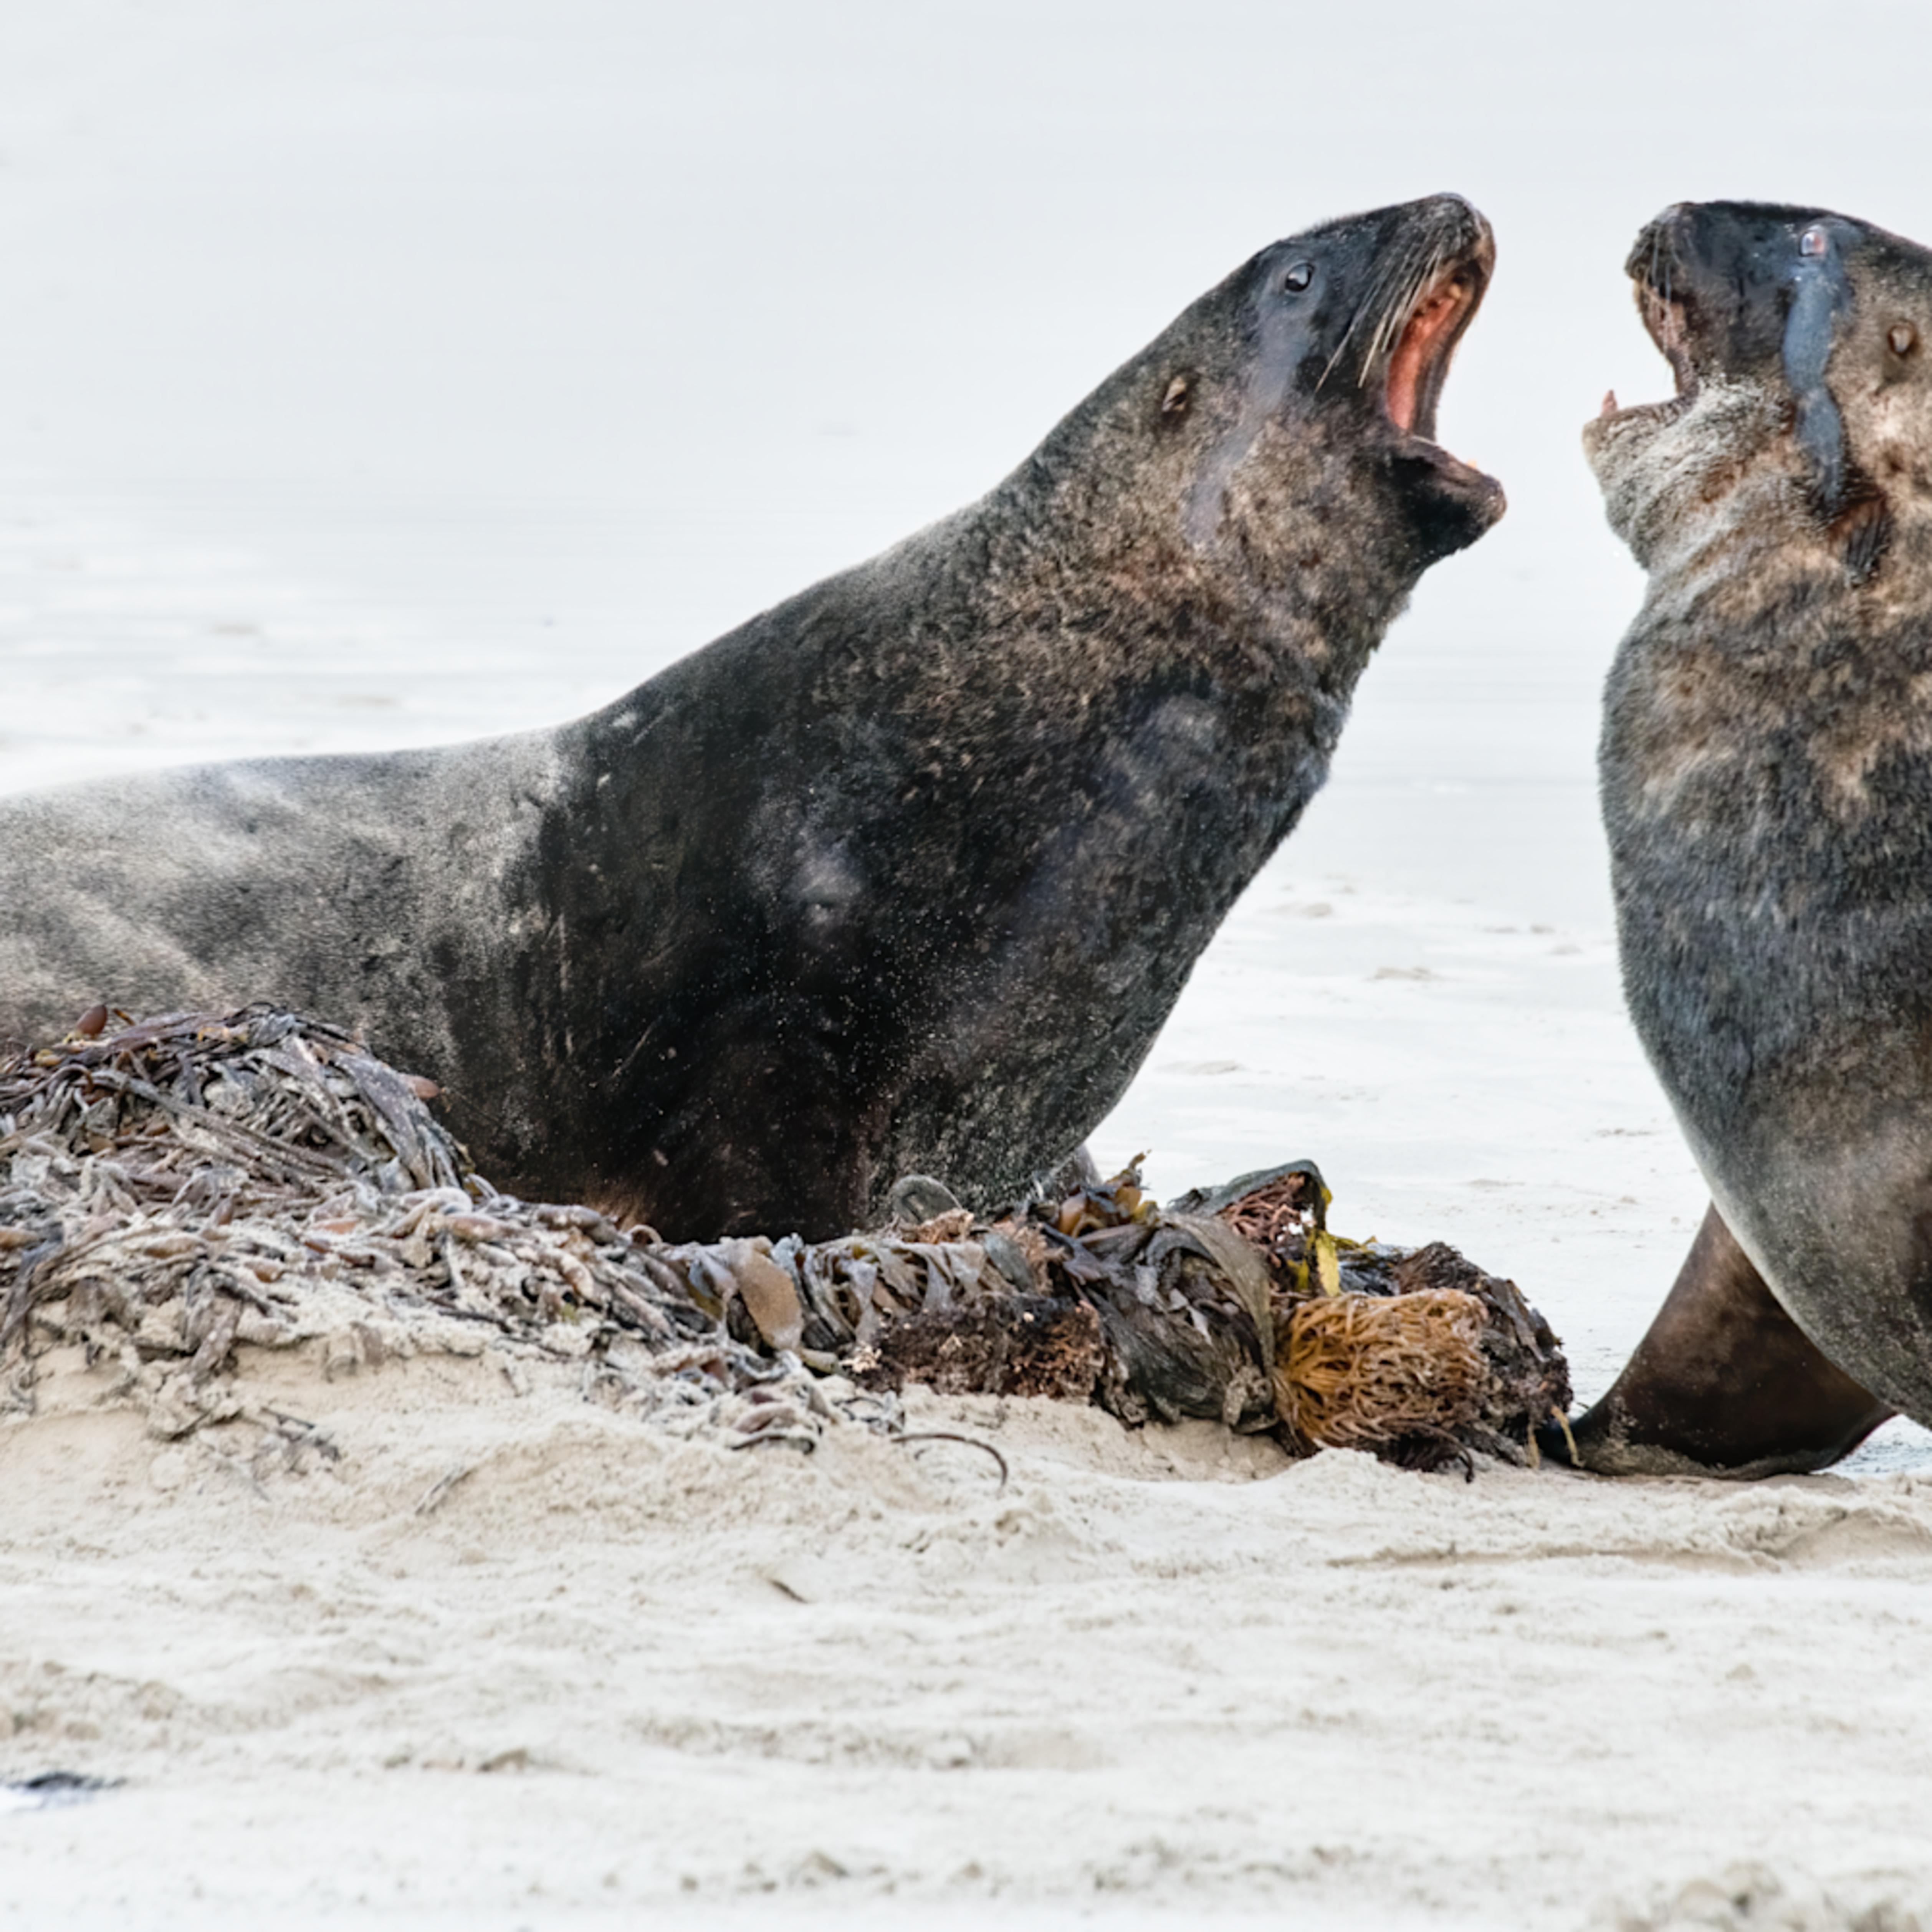 dsc5586 hooker sea lions onpzxl